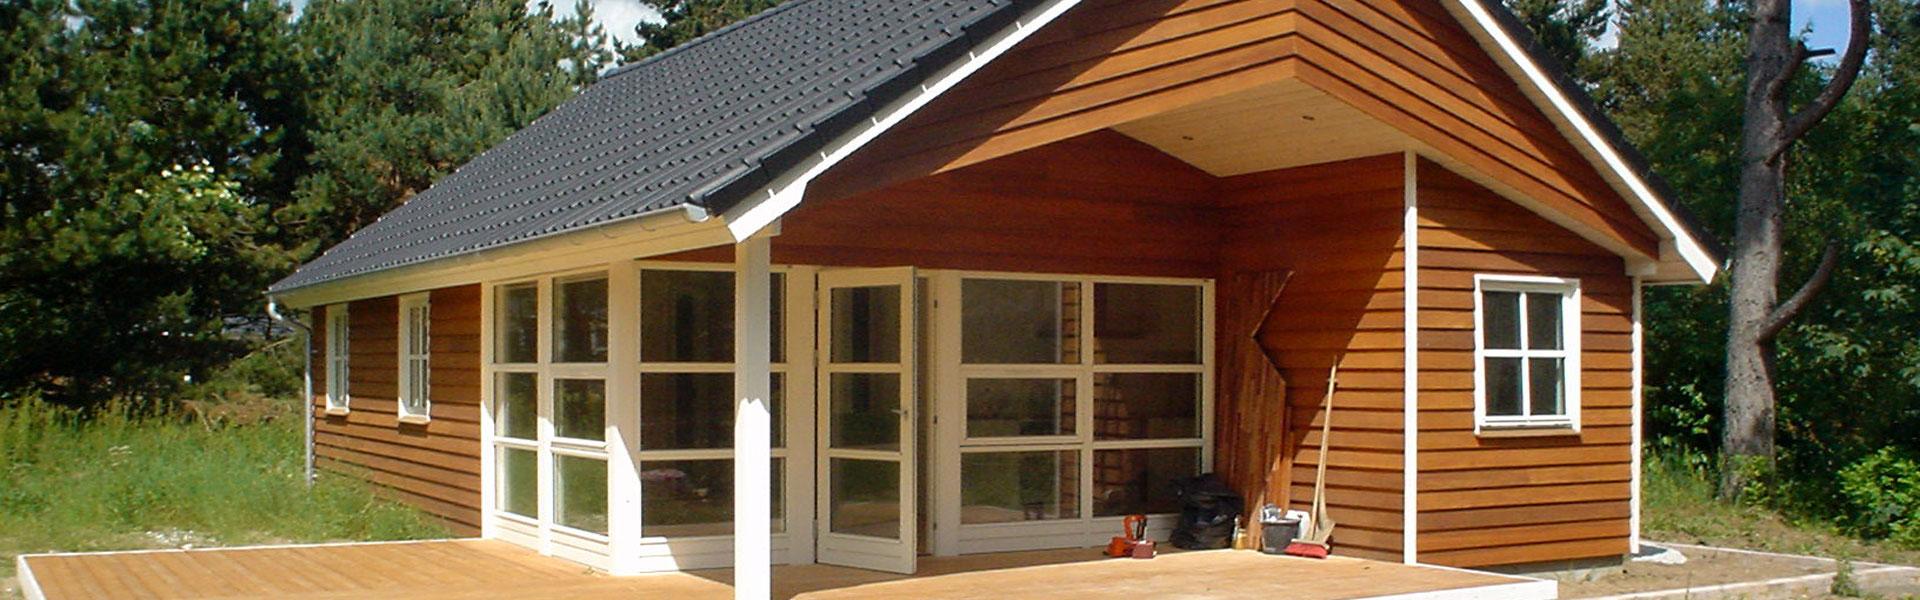 Sommerhus bygget af RBByg